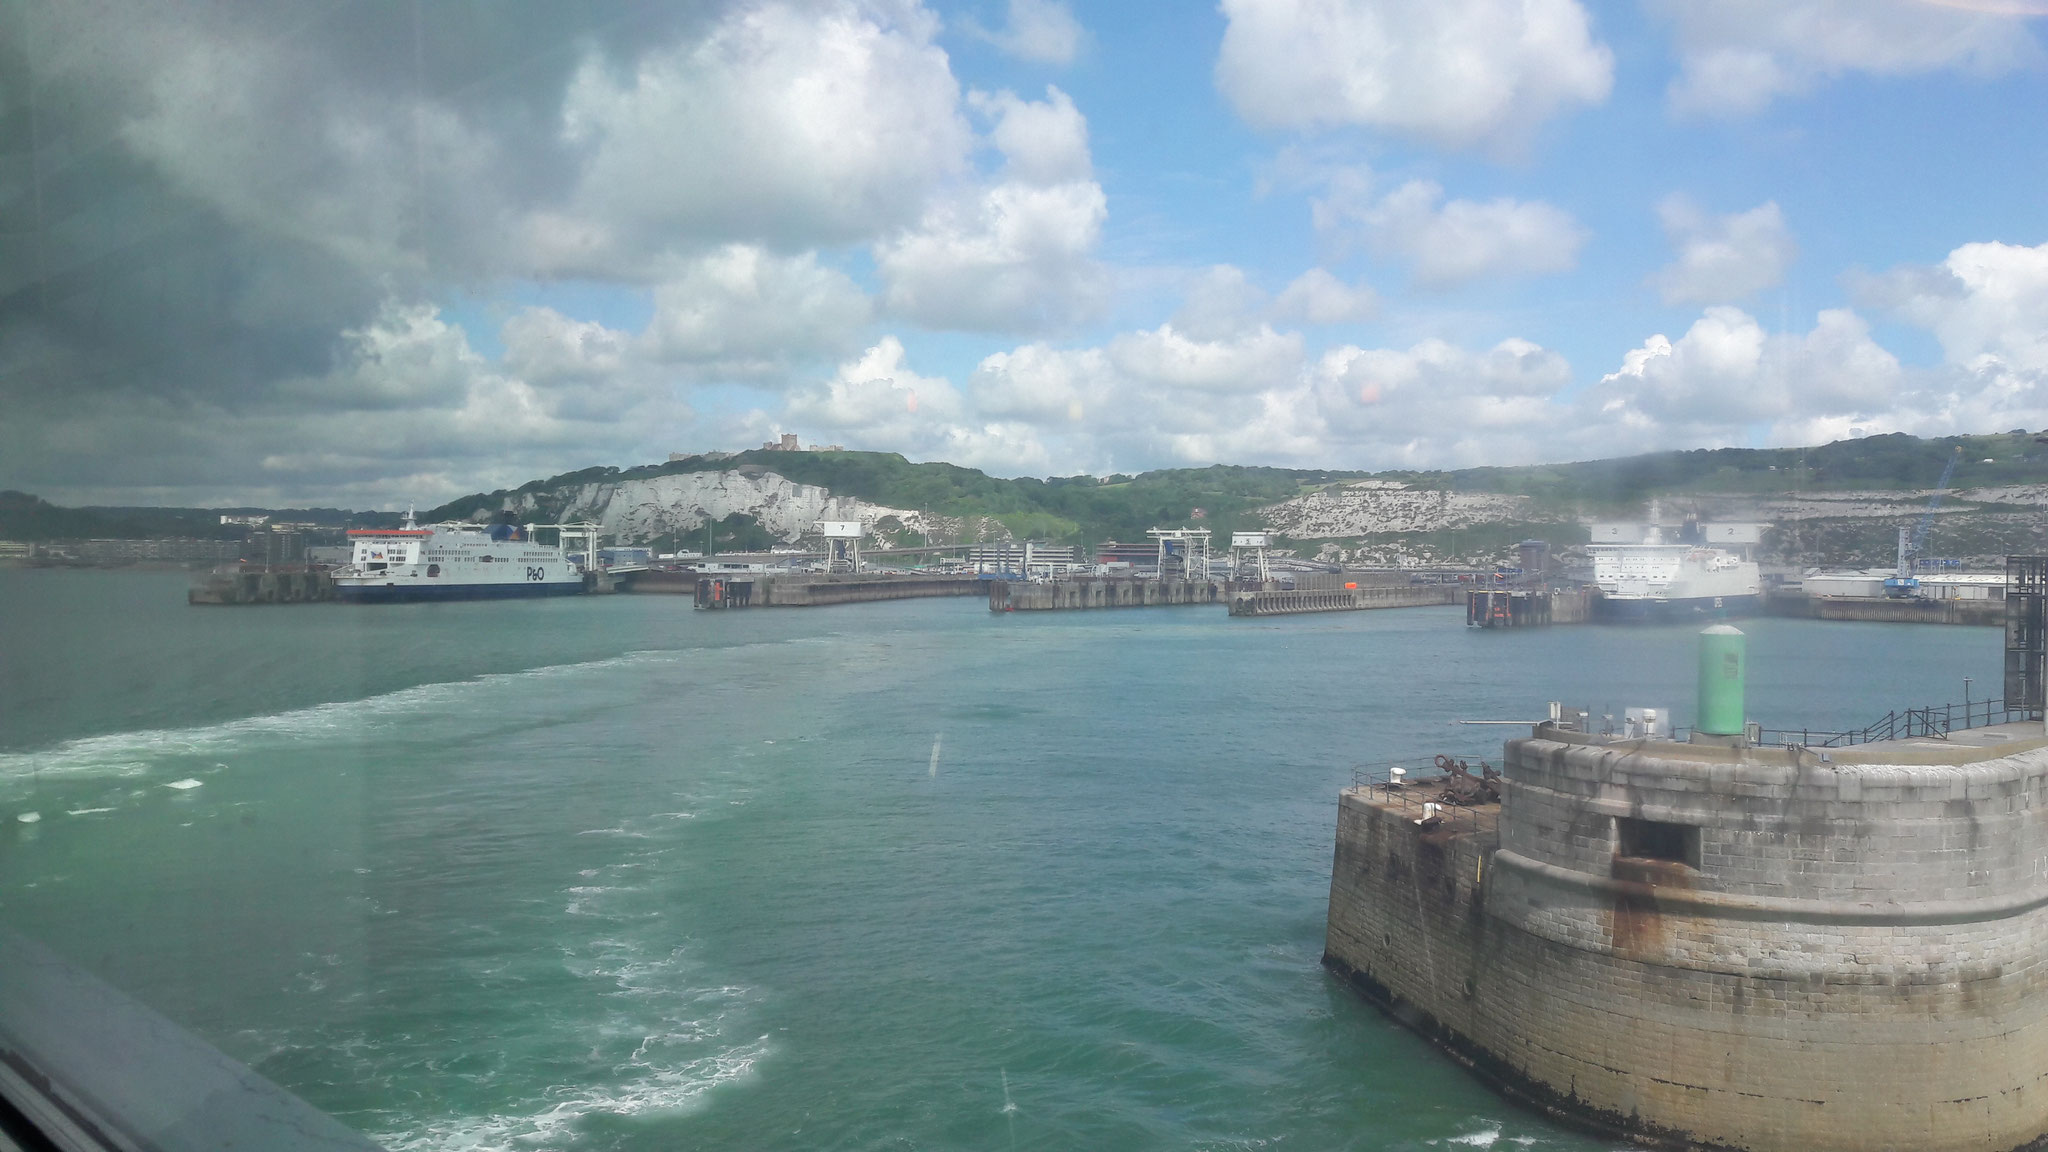 Ausfahrt aus dem Hafen von Dover